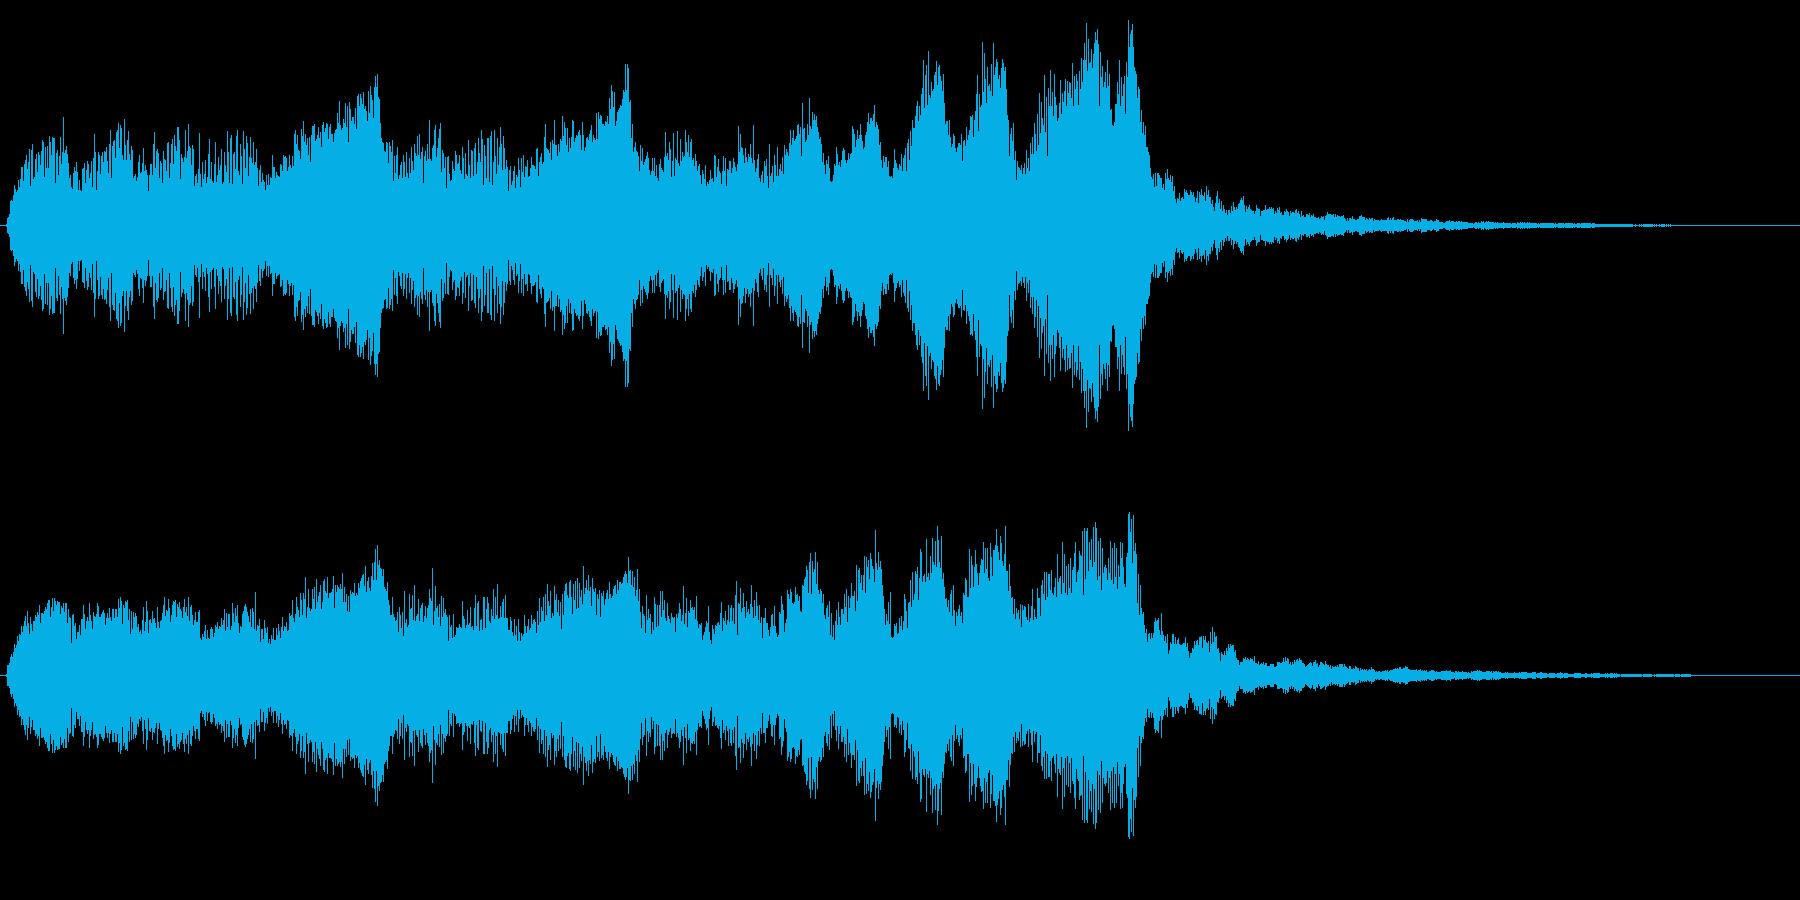 バイオリンの悲しいゲームオーバーフレーズの再生済みの波形